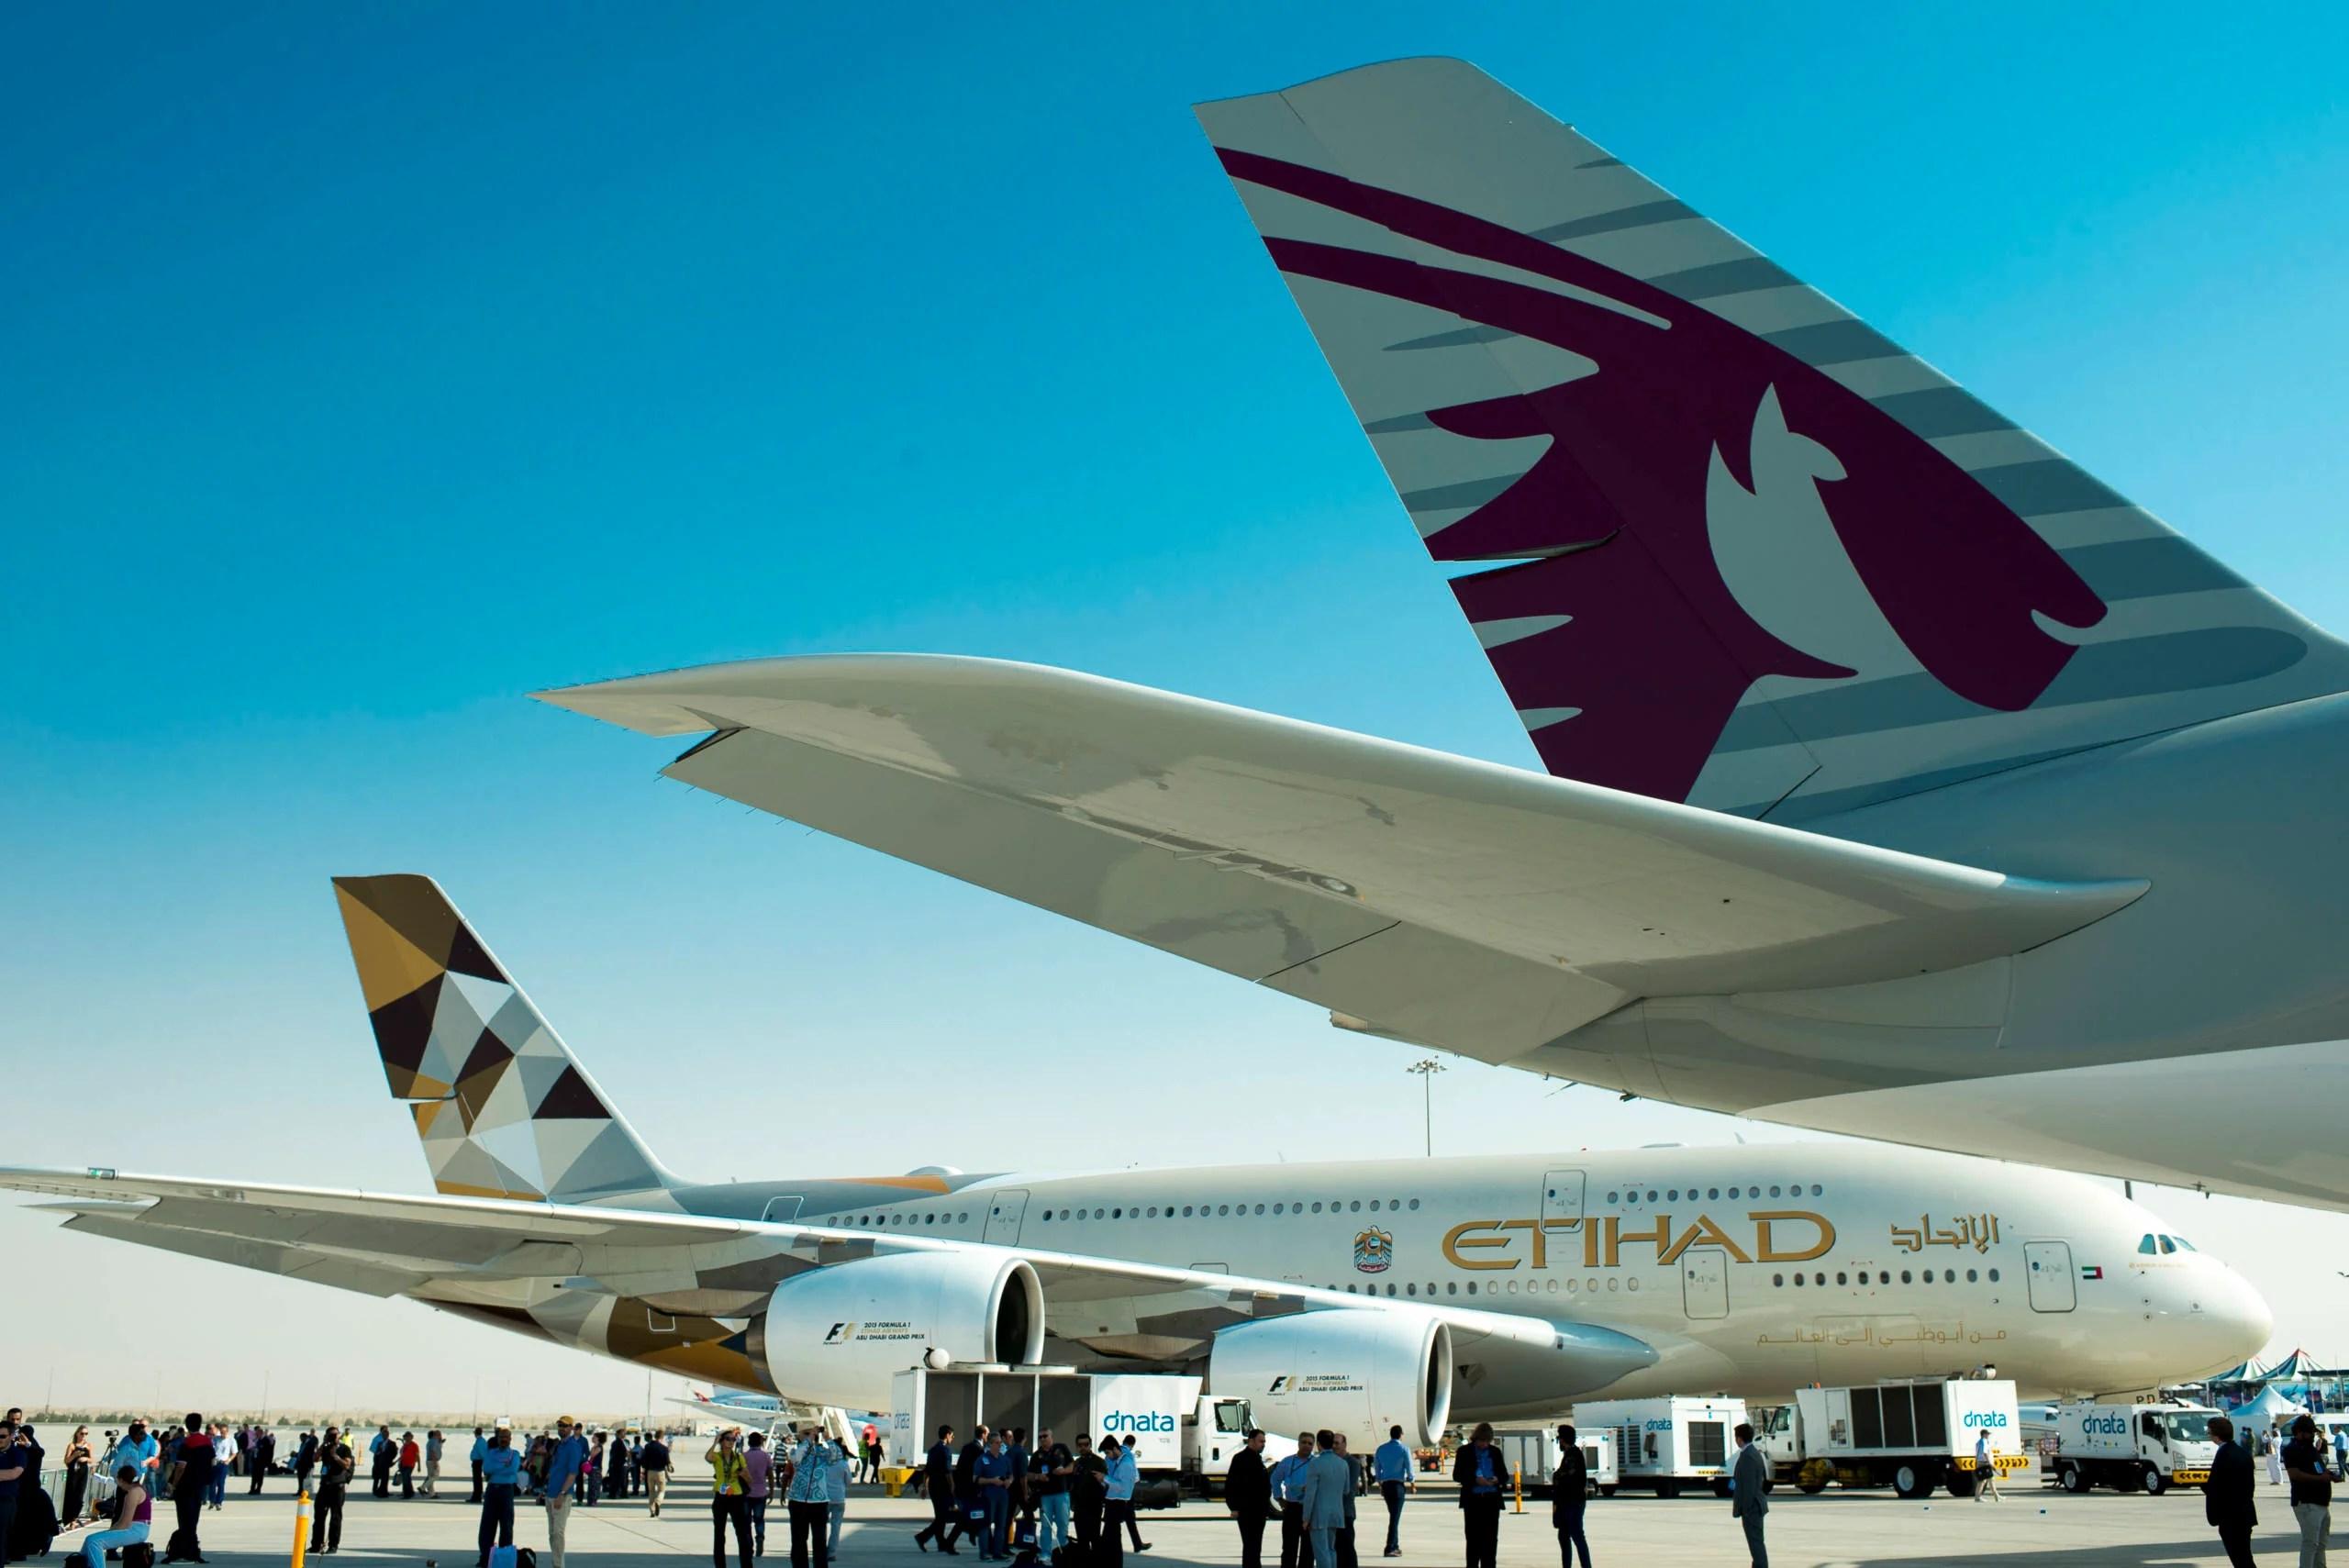 Comparing Emirates, Etihad, Qatar experiences during the pandemic